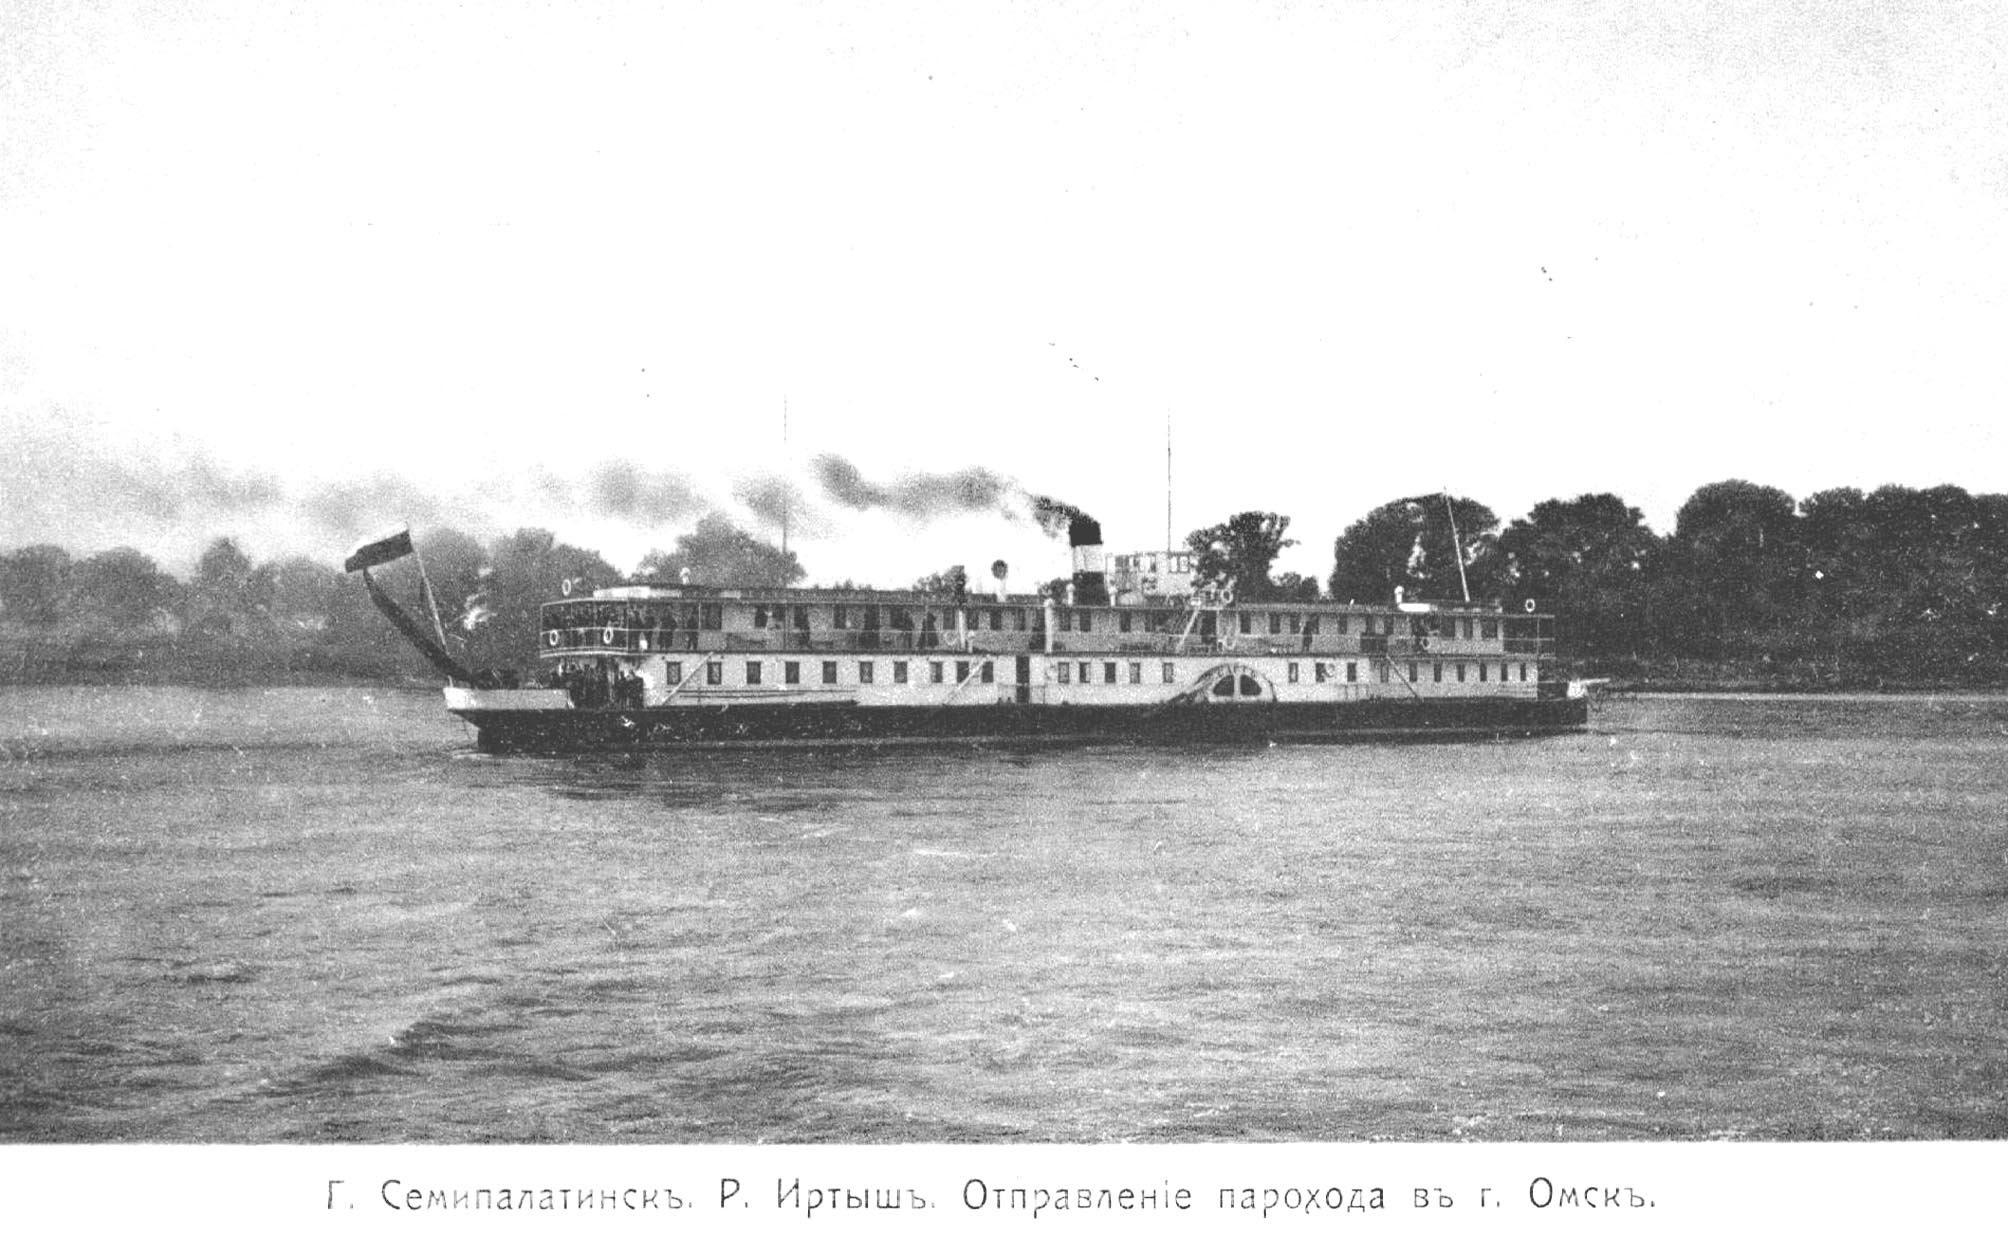 Река Иртыш. Отправление парохода в Омск